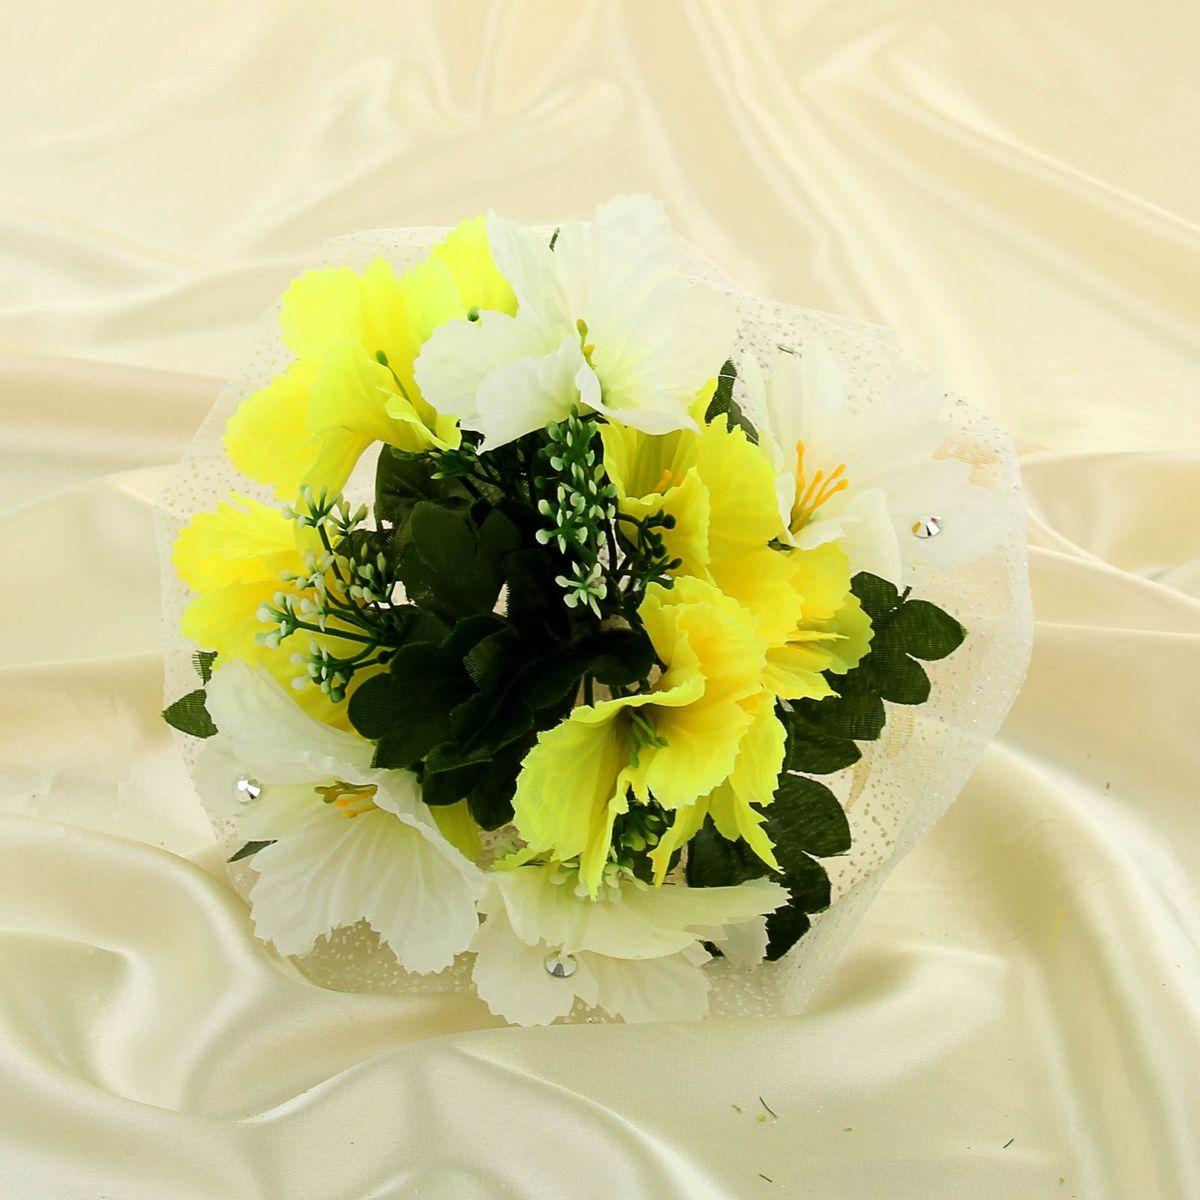 Sima-land Букет-дублер с колокольчиками, цвет: бело-желтый. 11350841135084Современные невесты используют букеты из искусственных материалов, потому что они легче, дешевле и не рассыпаются в полете. Ведь для многих незамужних подружек поймать букет на свадьбе — шанс осуществления заветной мечты. Кроме свадебной тематики изделие используют для фотосессий, так как оно не утрачивает праздничный вид даже в непогоду, и как элемент украшения интерьера. Многие рестораны и отели на выставках и праздниках предпочитают использовать украшения из неувядающих цветов. Оригинальный букет будет в центре внимания на торжественном событии и оставит самые яркие впечатления.